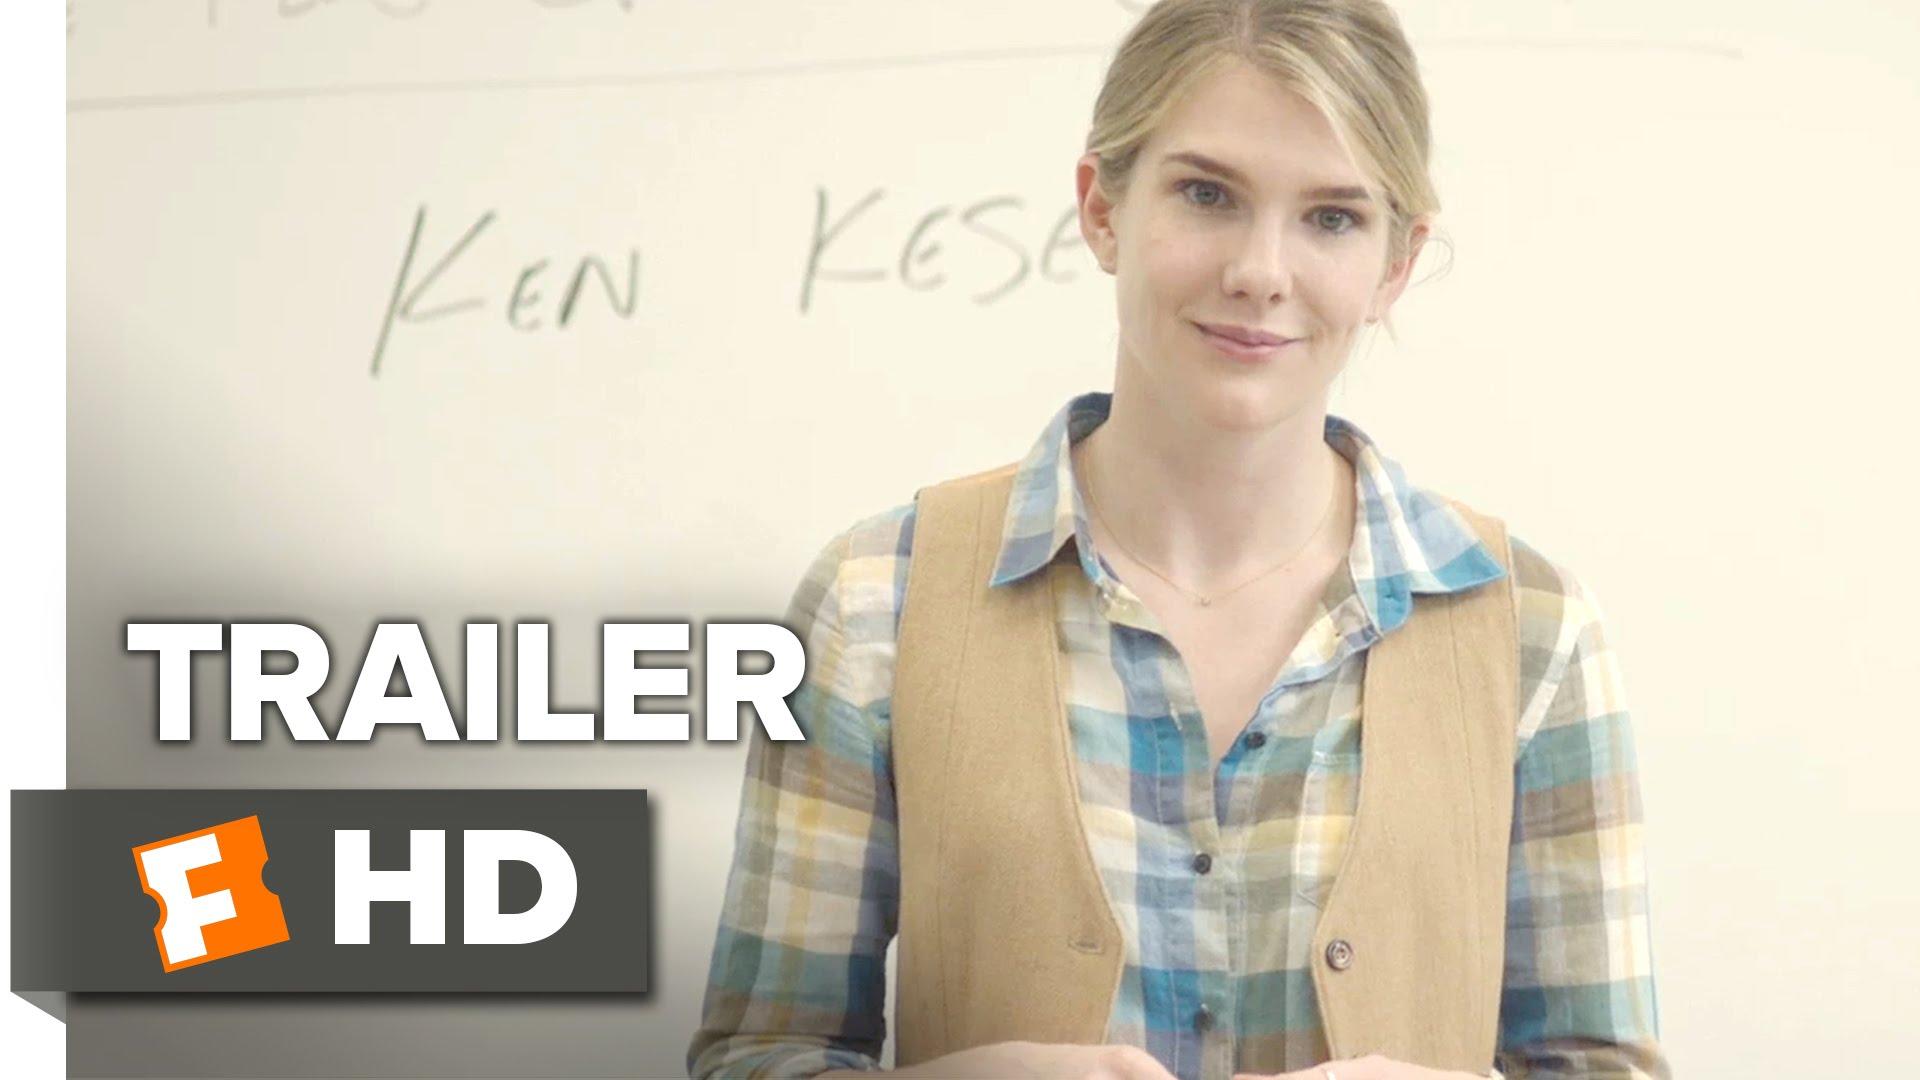 生徒たちを演劇大会に引率するハメになった高校女教師を描く『Miss Stevens』予告編